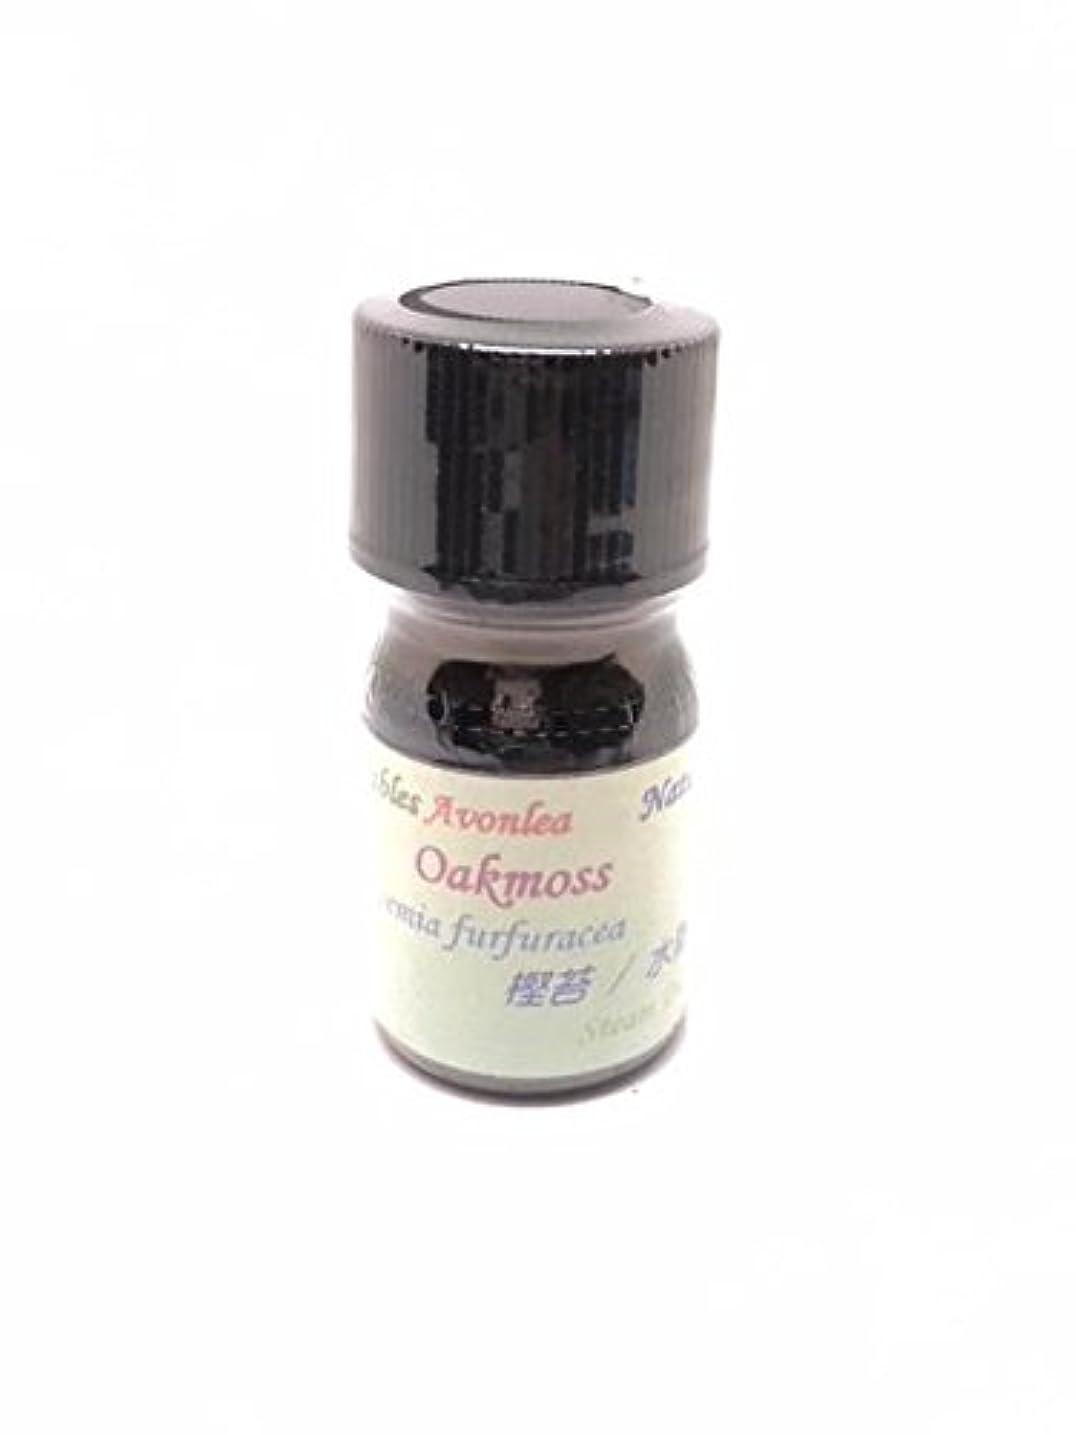 ジェーンオースティン土地支出オークモス 樫苔 エッセンシャルオイル 高級精油 (5ml)